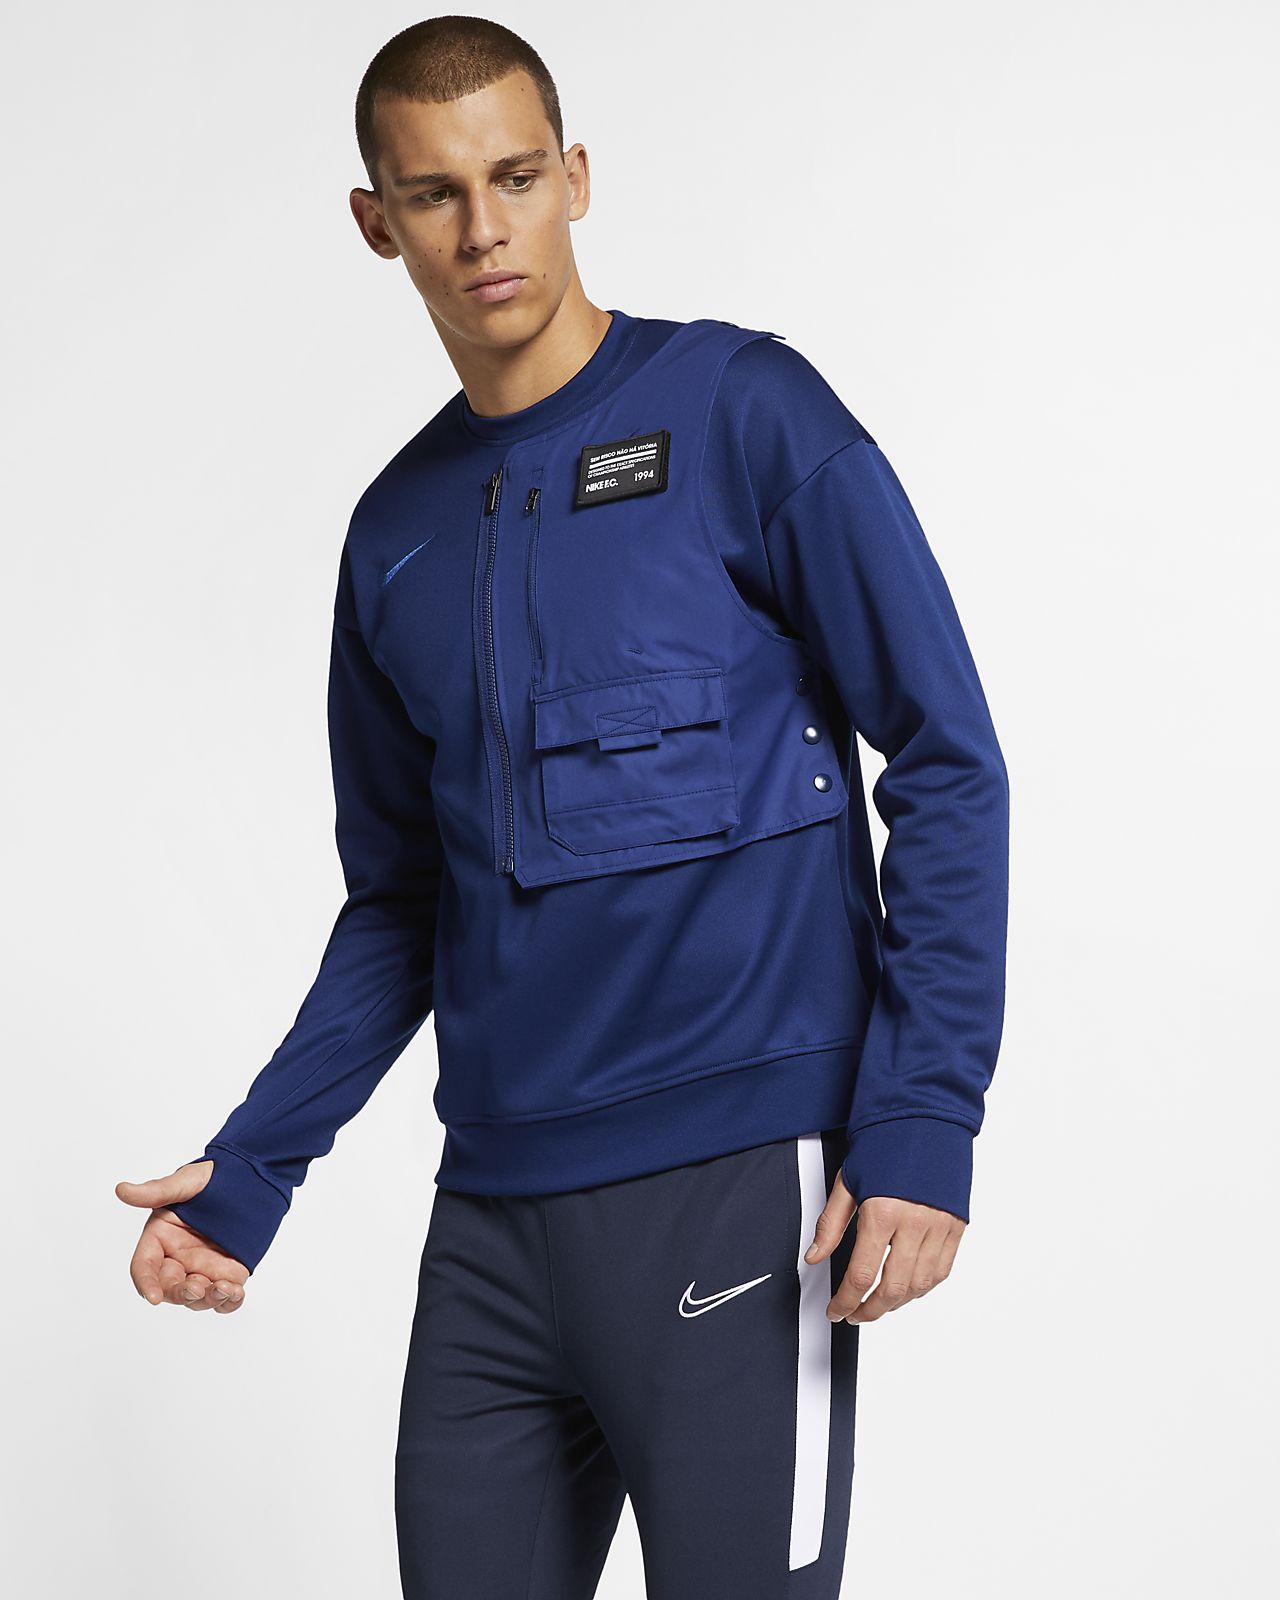 Nike F.C. kerek nyakkivágású férfipulóver futballhoz